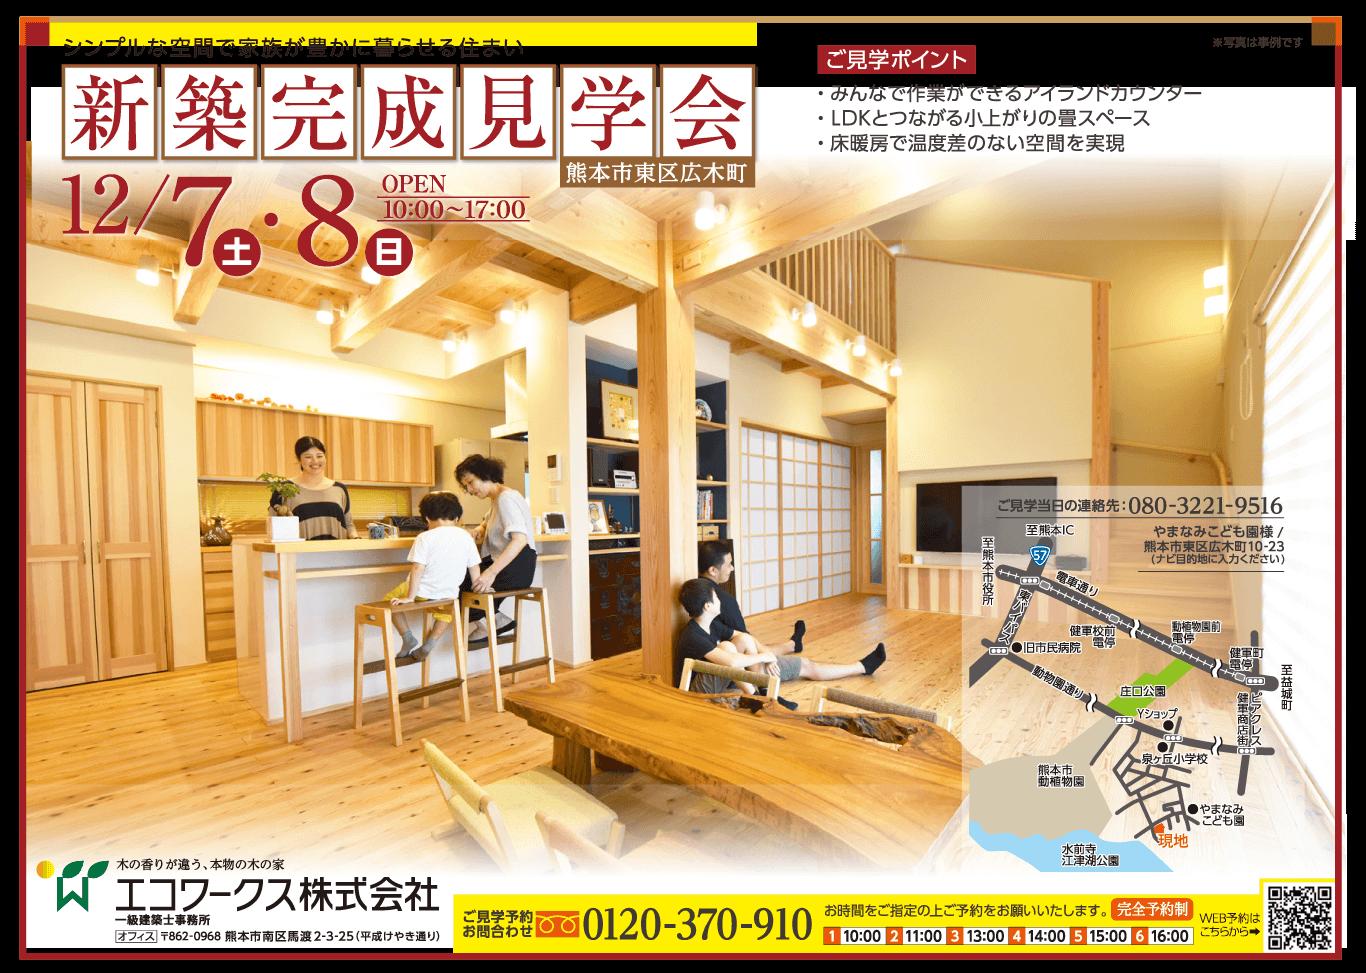 シンプルな空間で家族が豊かに暮らせる住まい新築完成見学会12月7日土曜日8日日曜日オープン10時から17時熊本市東区広木町